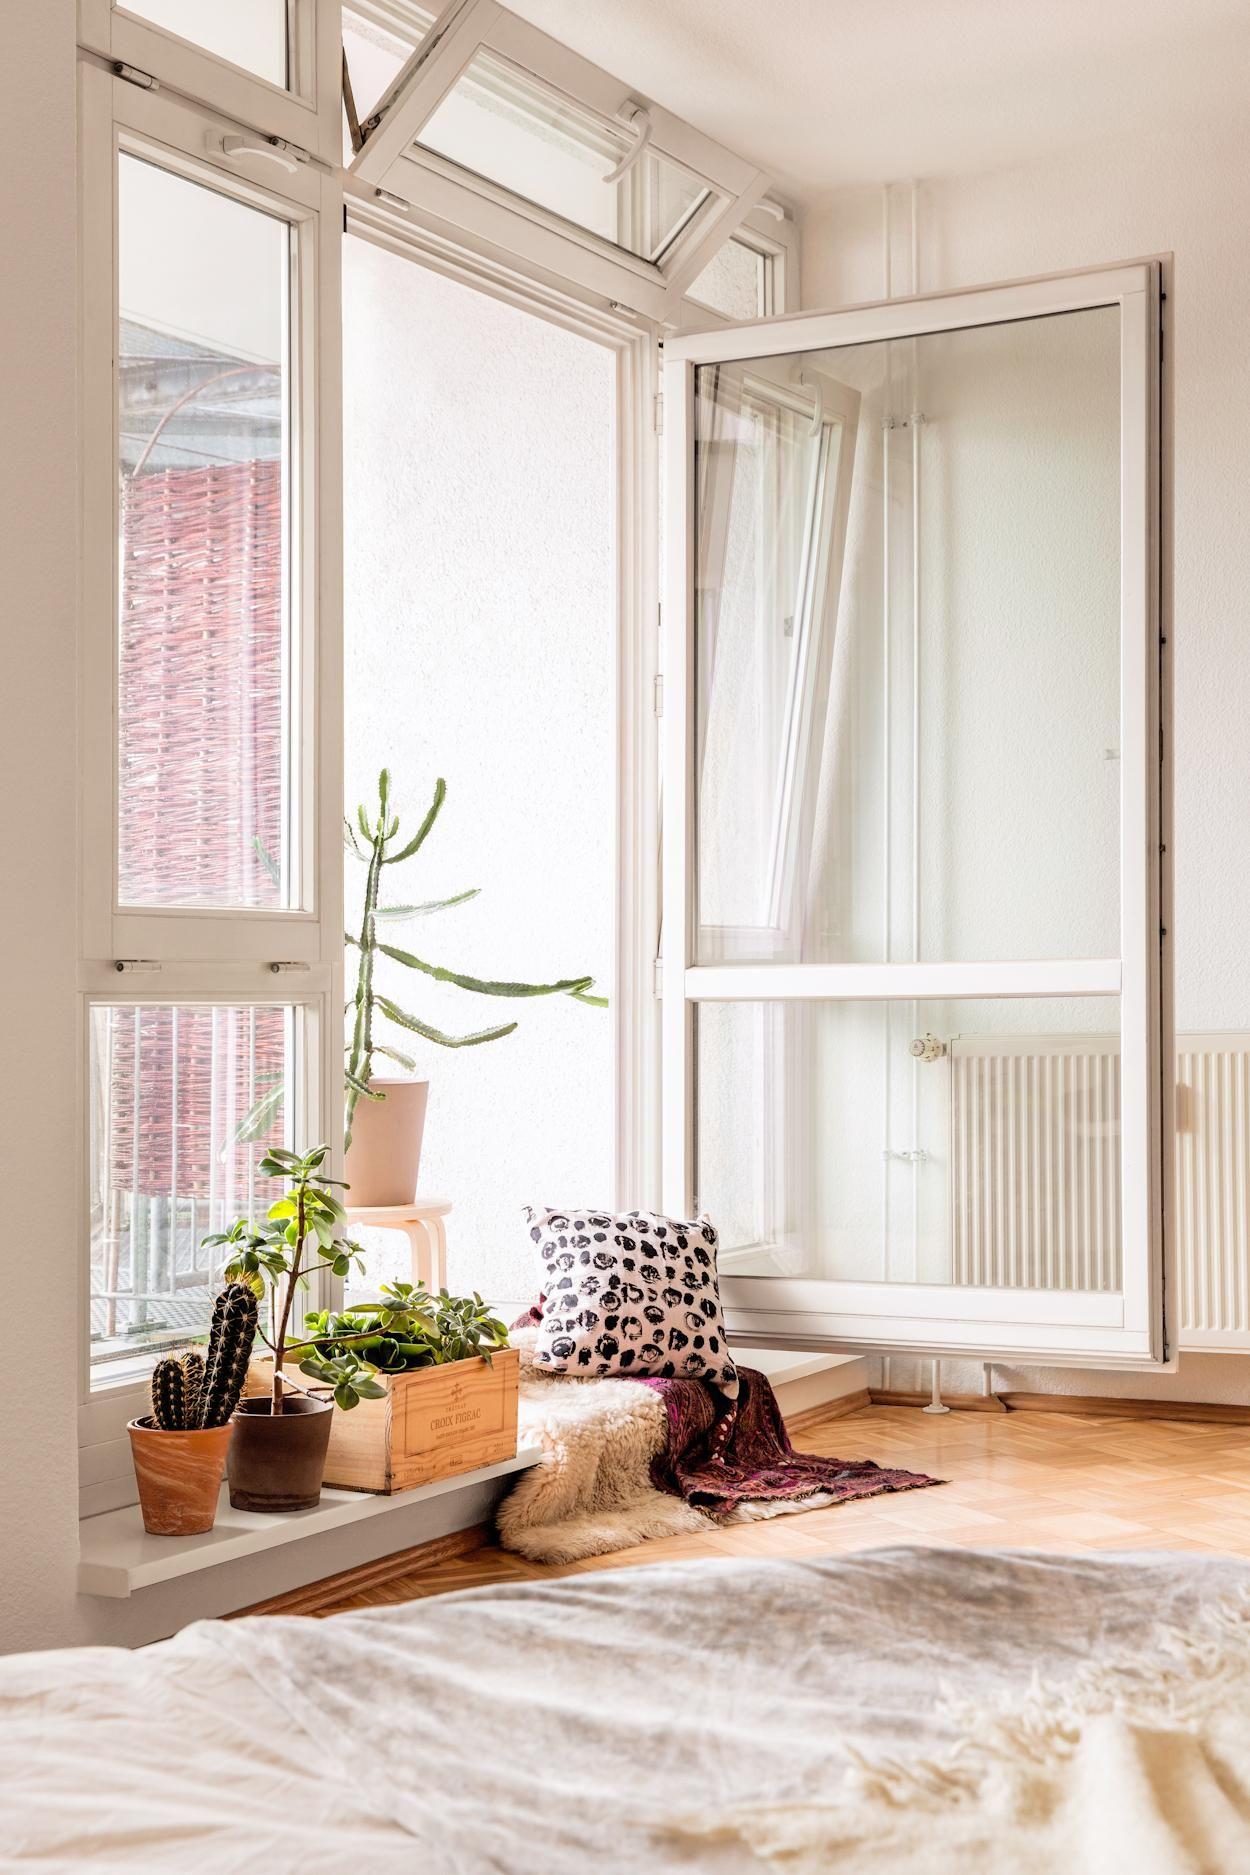 modernisiert etagenwohnung fantastic frank interior design inspiration wohnen pinterest. Black Bedroom Furniture Sets. Home Design Ideas